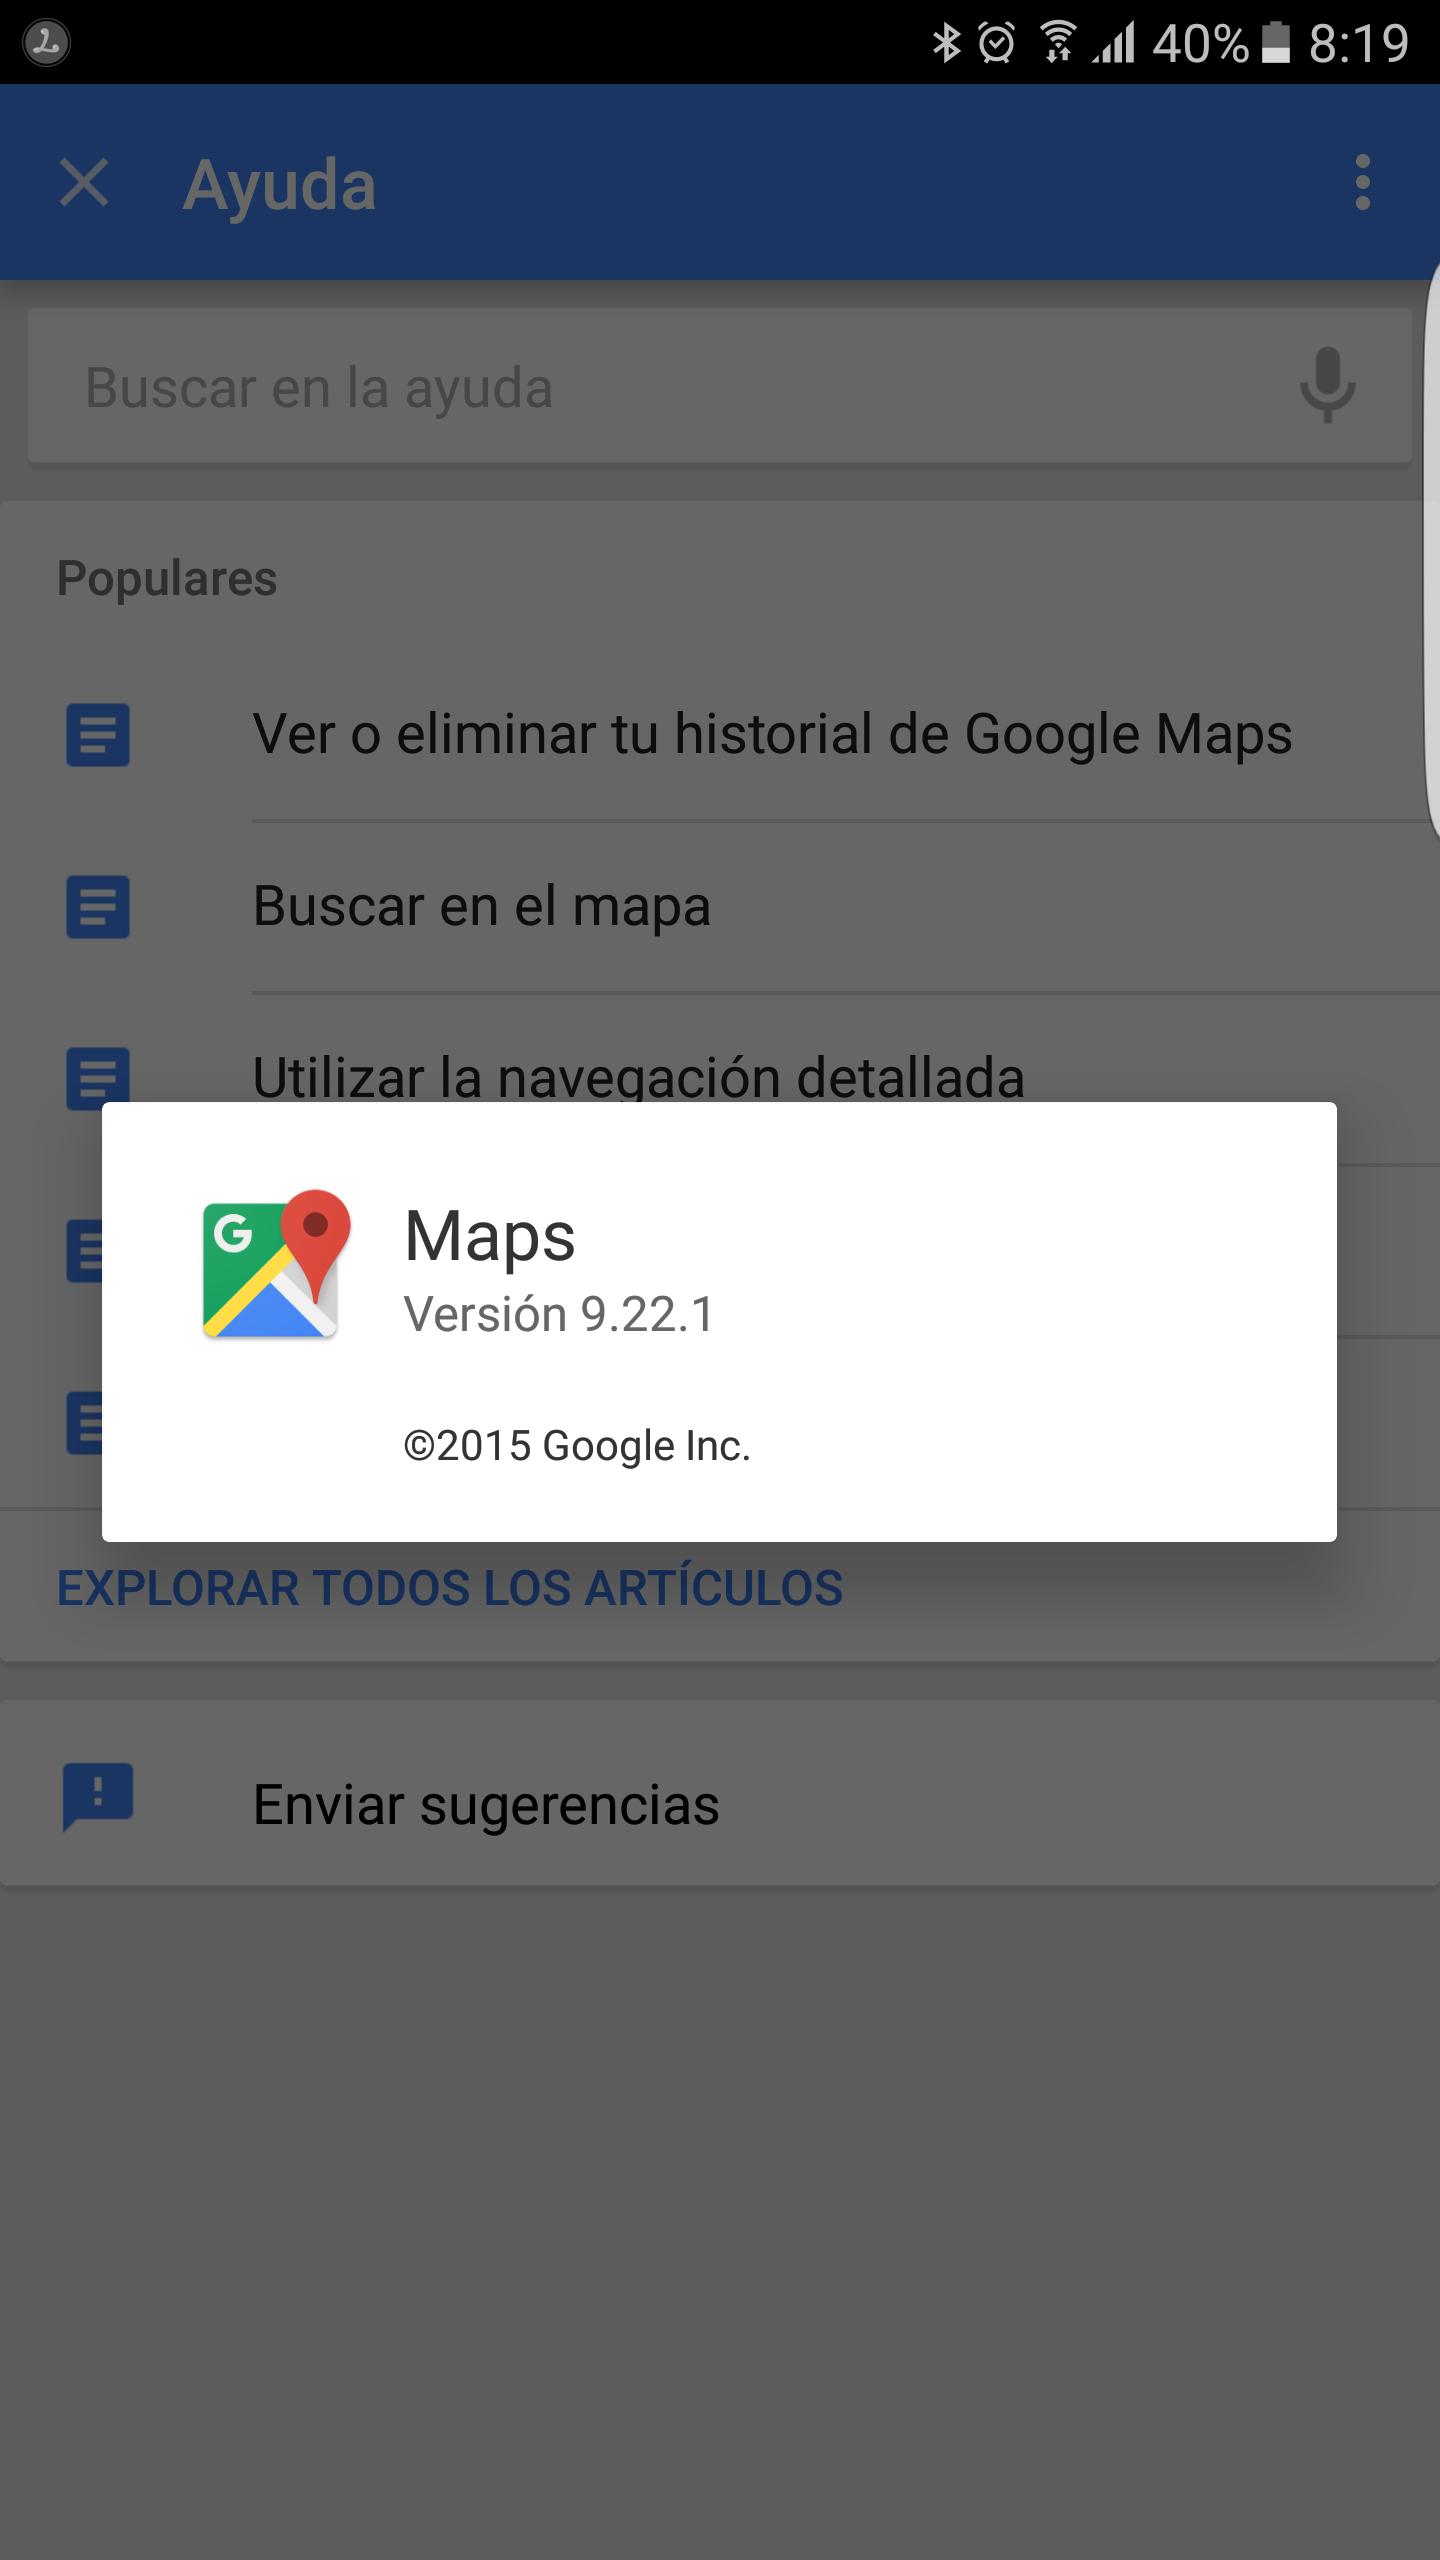 Nueva versión Google Maps 9.22